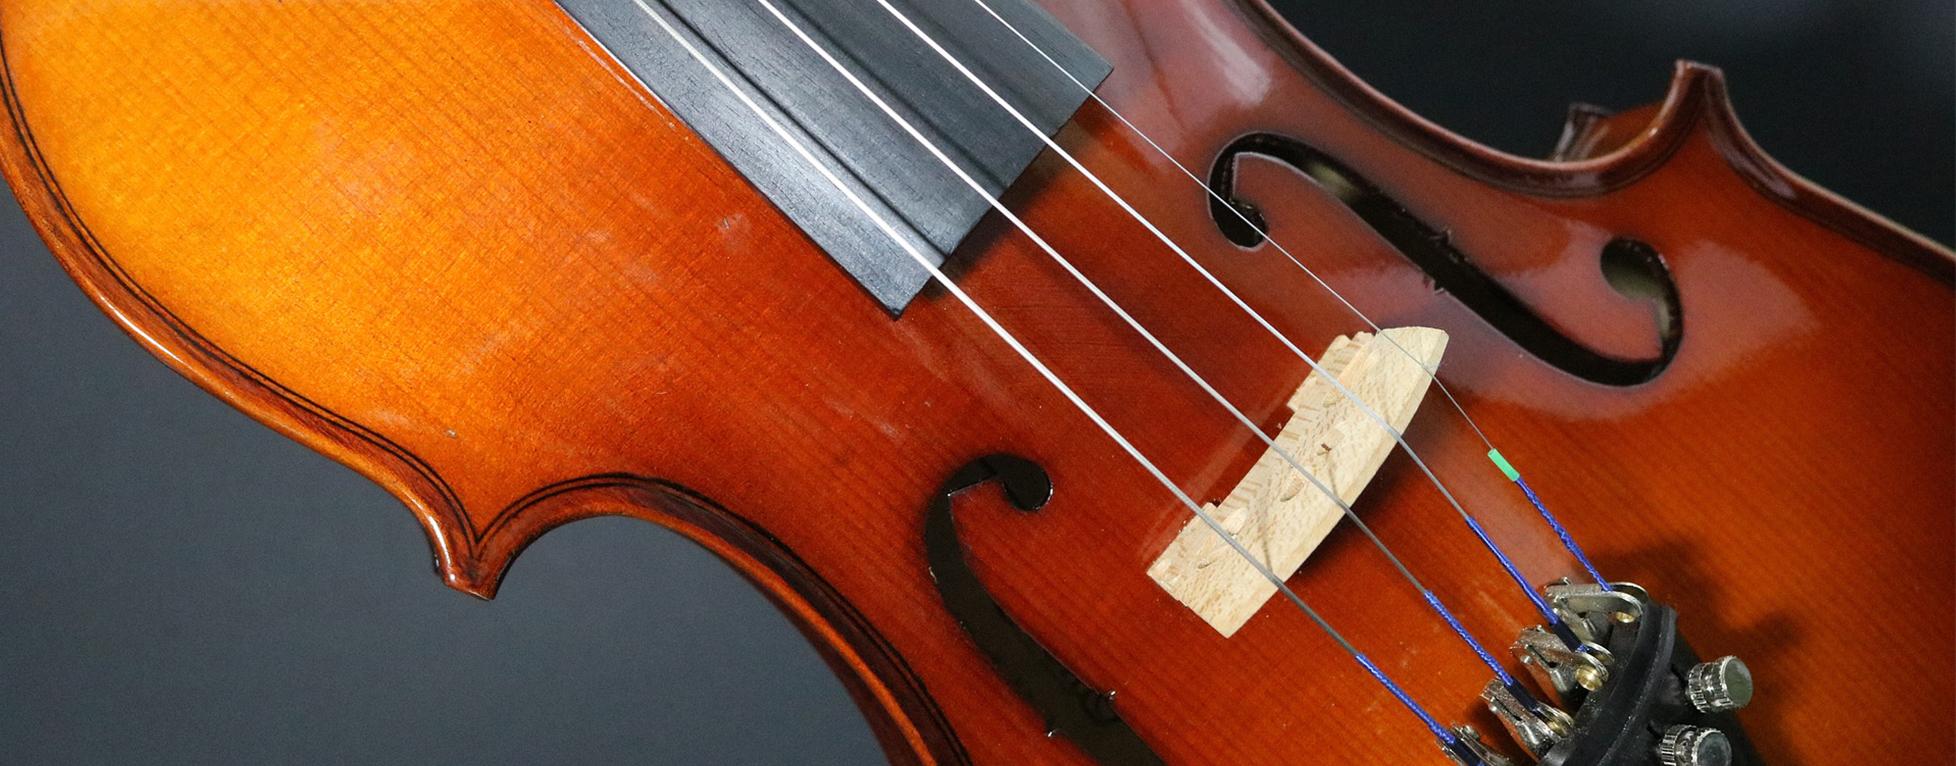 Violon, violoncelle… Les instruments à cordes frottées